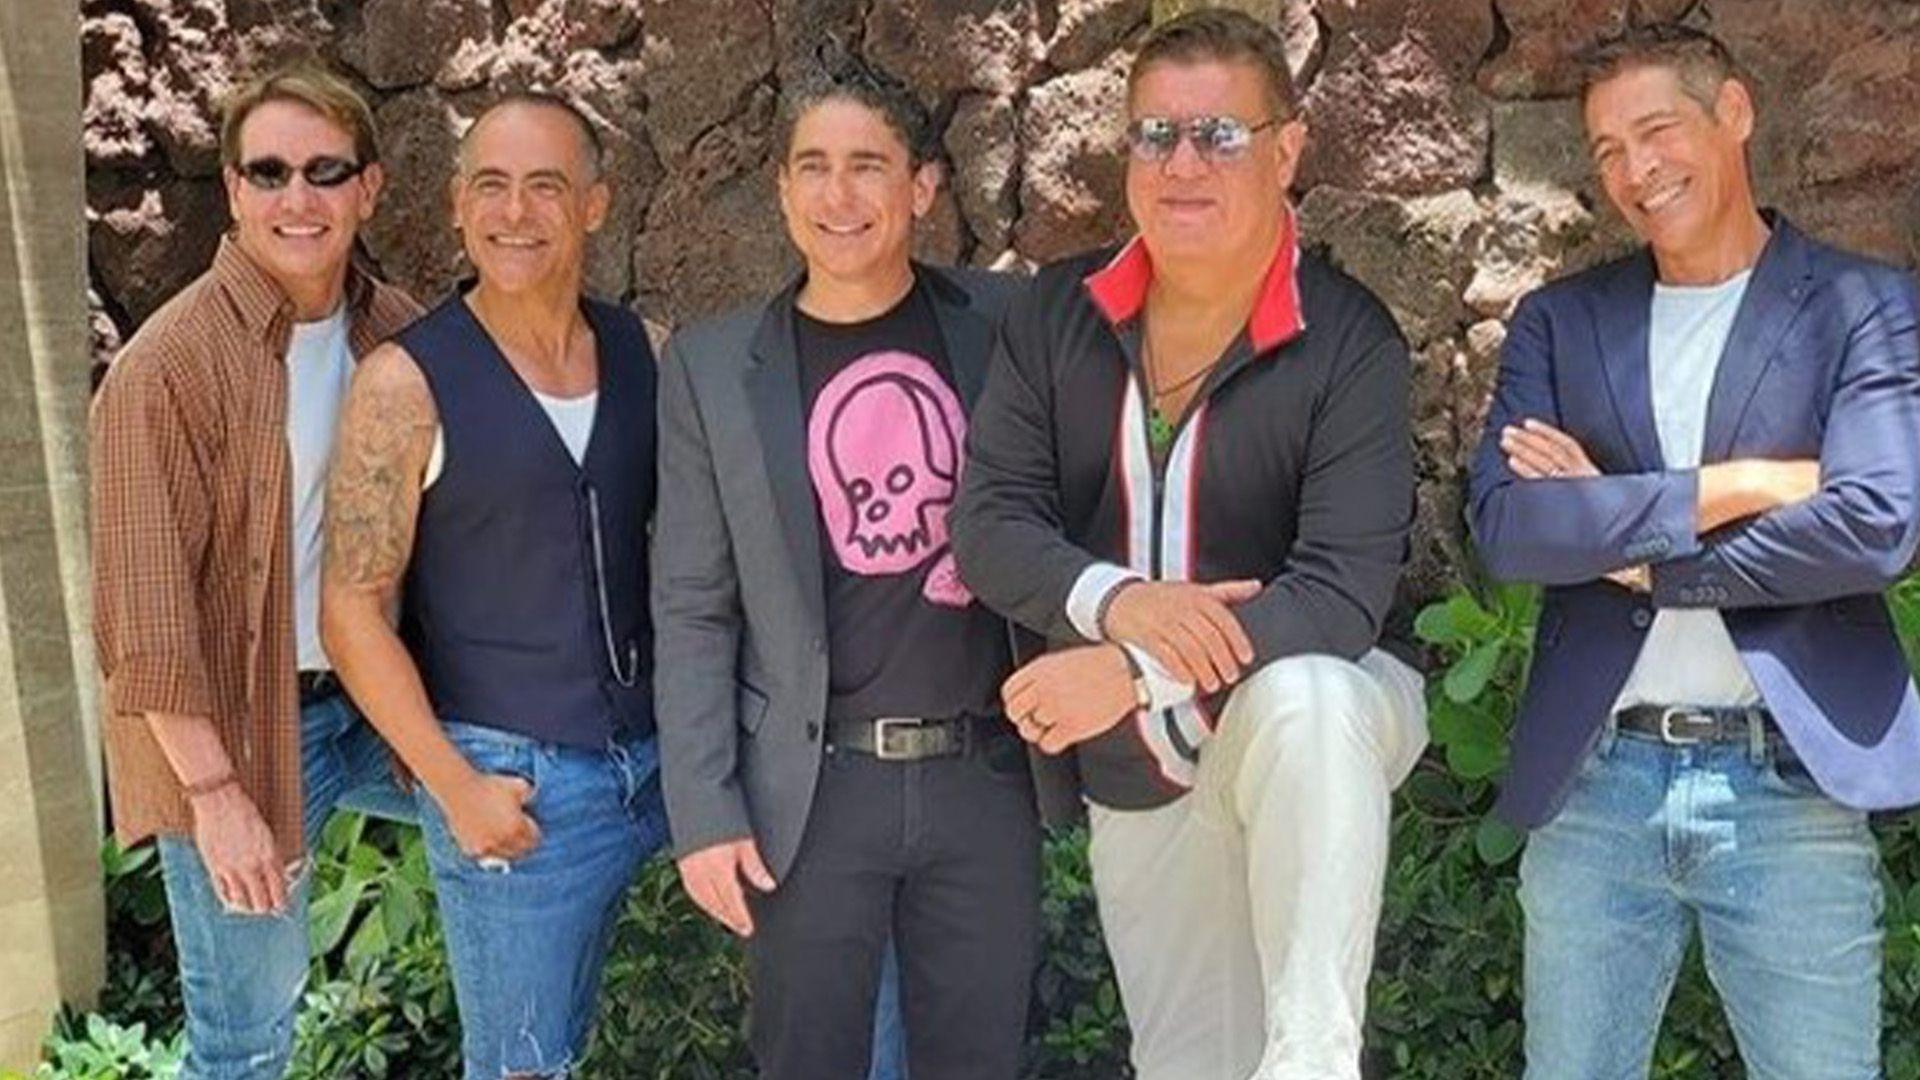 Ray Reyes León participó en las giras de El Reencuentro, y era uno de los integrantes veteranos de la agrupación (Foto: Instagram rayleon9912)